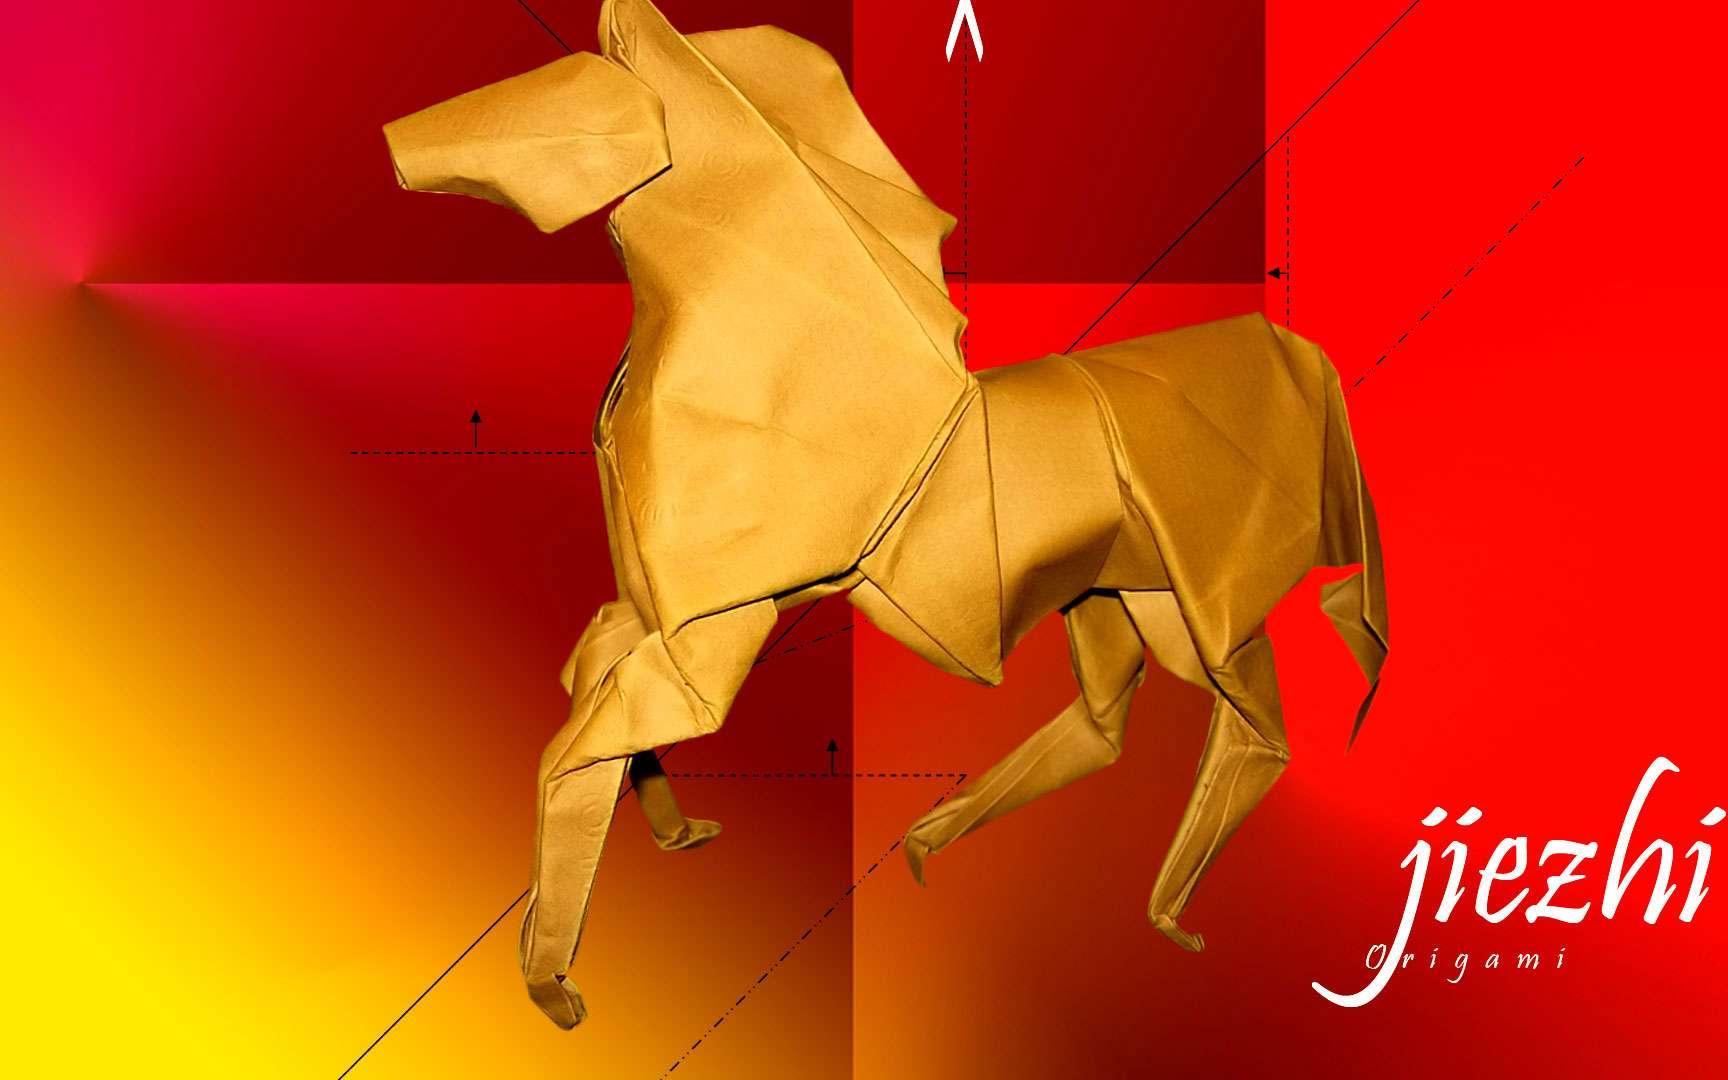 Un cheval en papier, un des signes du zodiaque chinois. © Futura